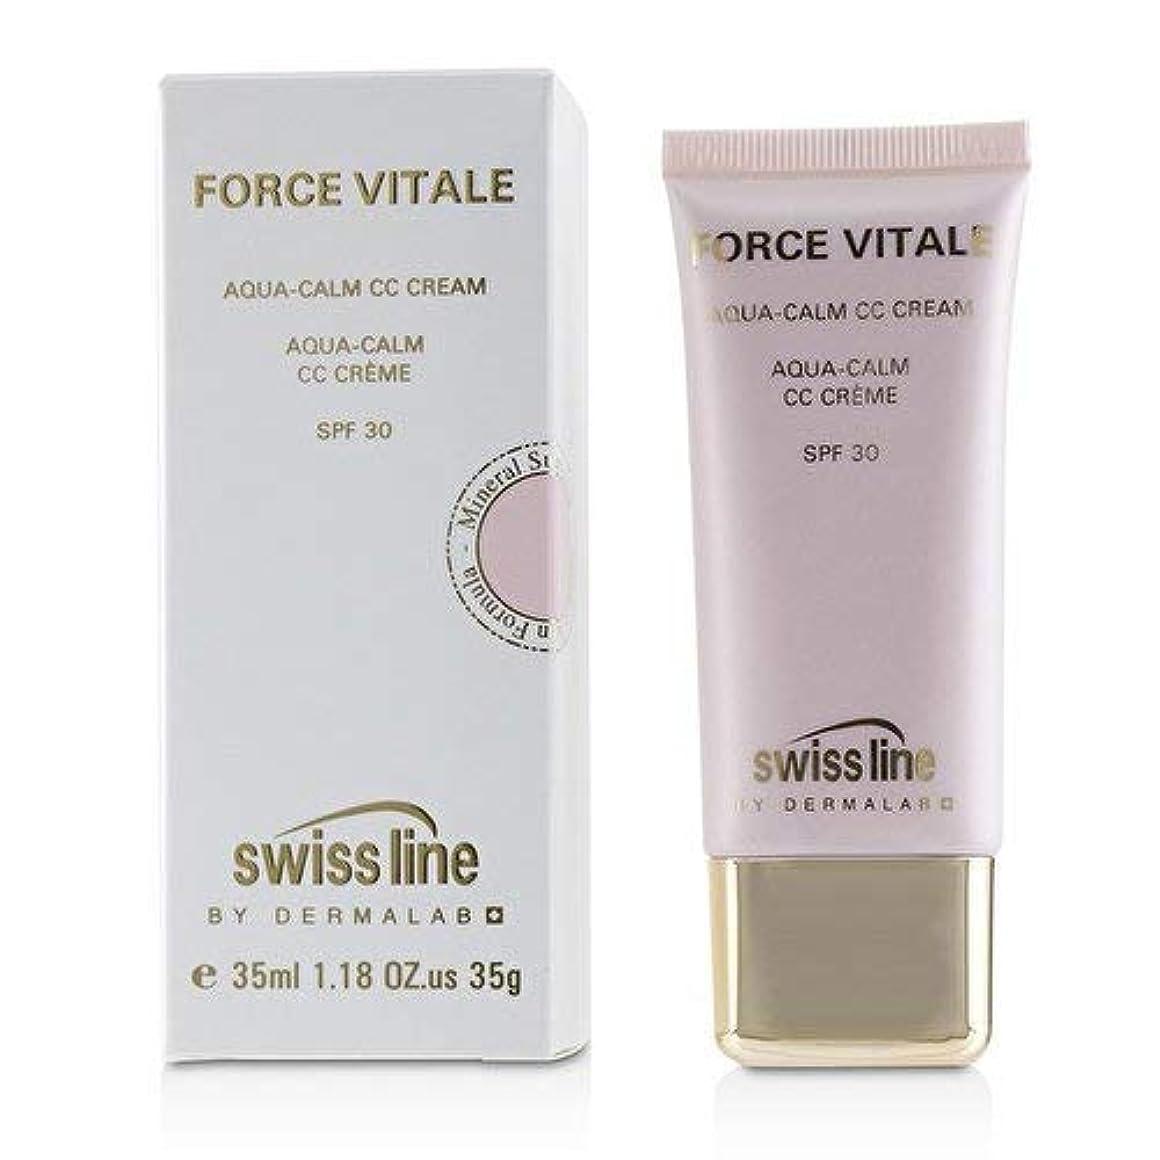 ボイド試験パン屋スイスライン Force Vitale Aqua-Calm CC Cream SPF30 - Beige 10 35ml並行輸入品